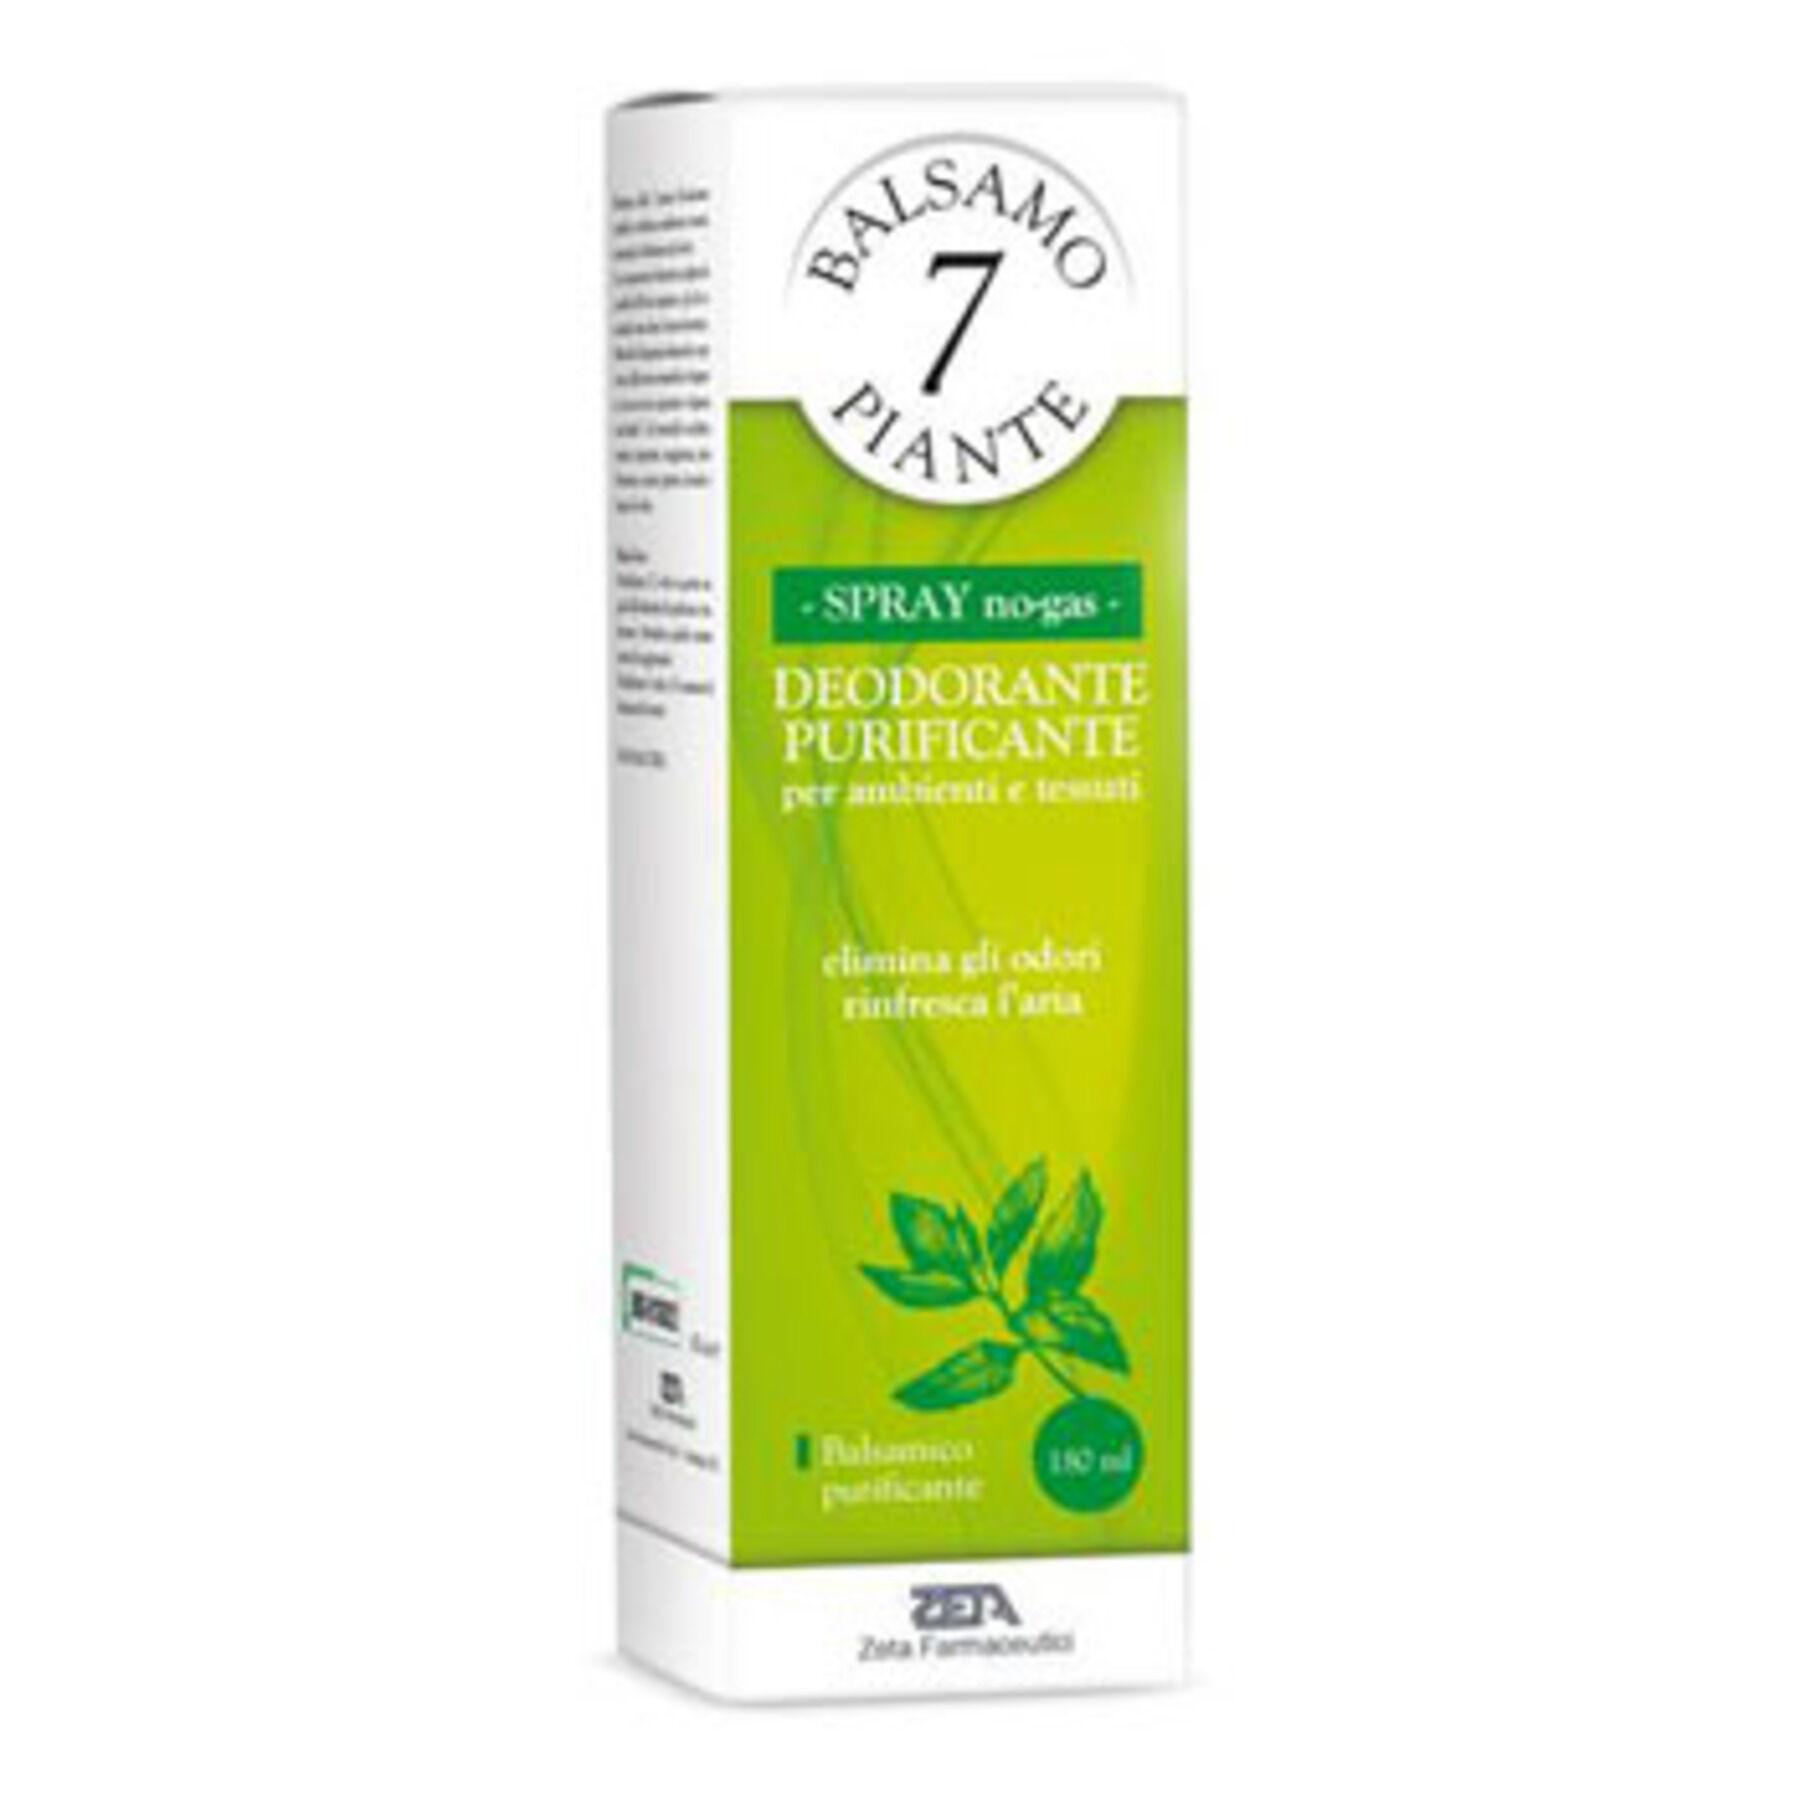 zeta farmaceutici spa balsamo delle 7 piante balsamico deodorante purificante per ambienti e tessuti pompa spray + astuccio 180 ml